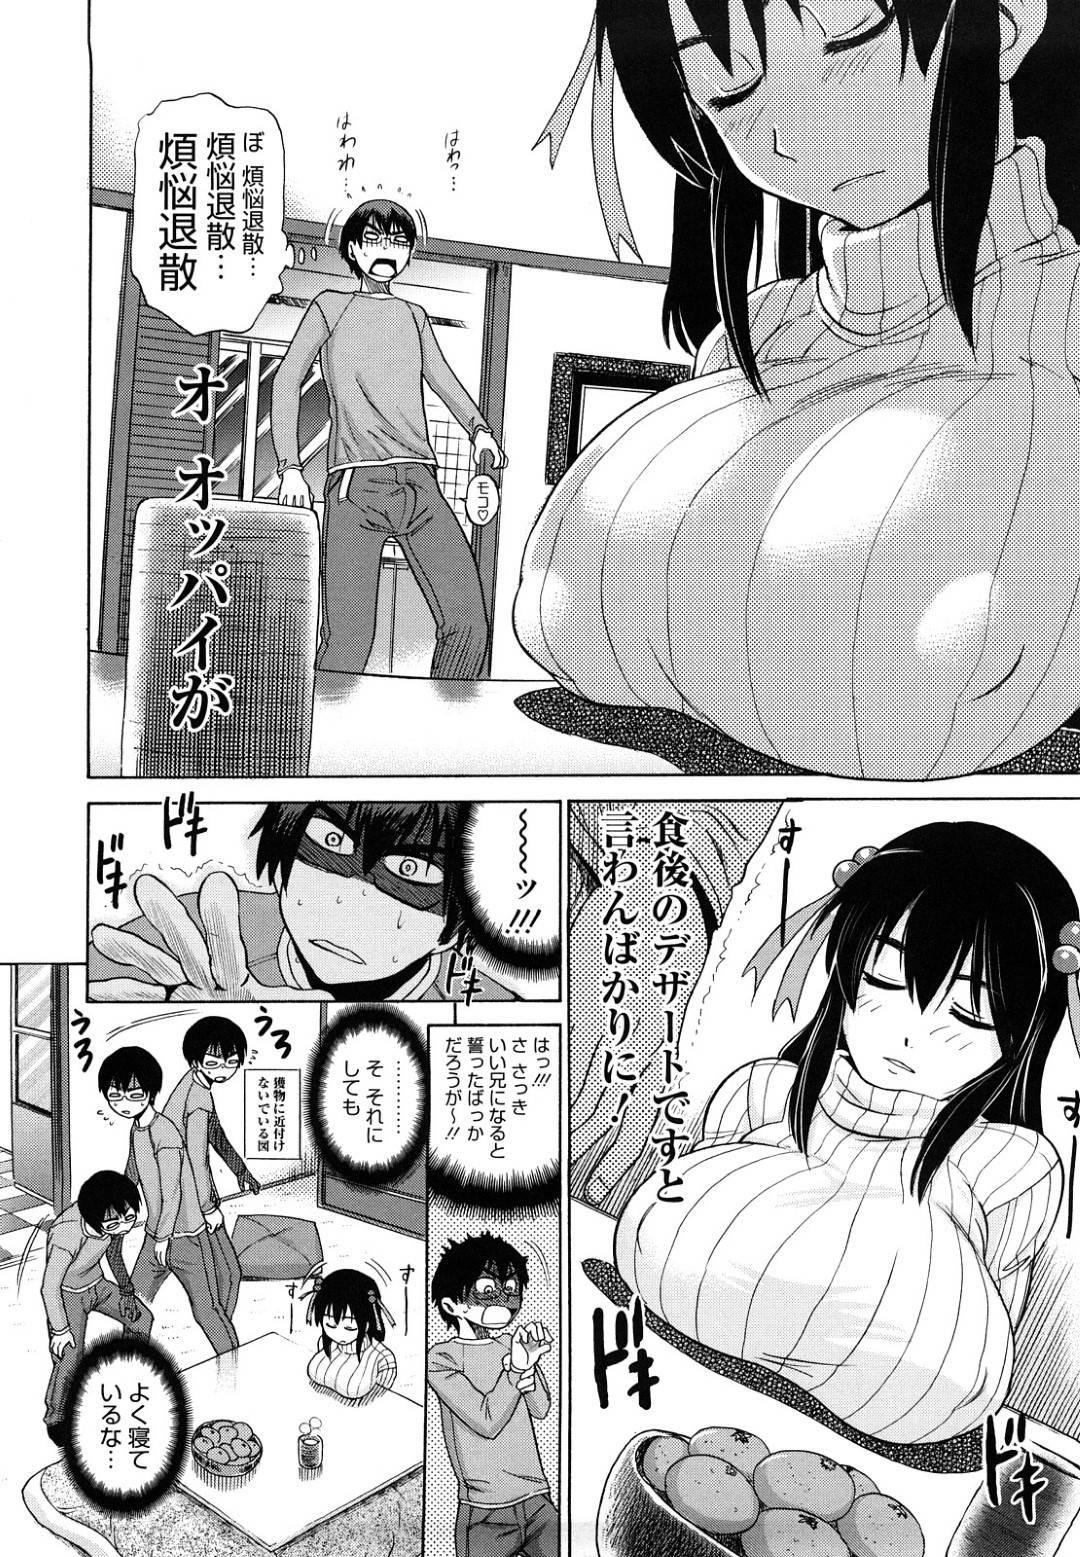 【エロ漫画】寝ている間に幼馴染のお兄ちゃんにおっぱいを揉みしだかれ、無言でそれを受け入れて激しいイチャラブ初セックスする爆乳美少女。【DISTANCE/ビーチてんぷてーしょん】